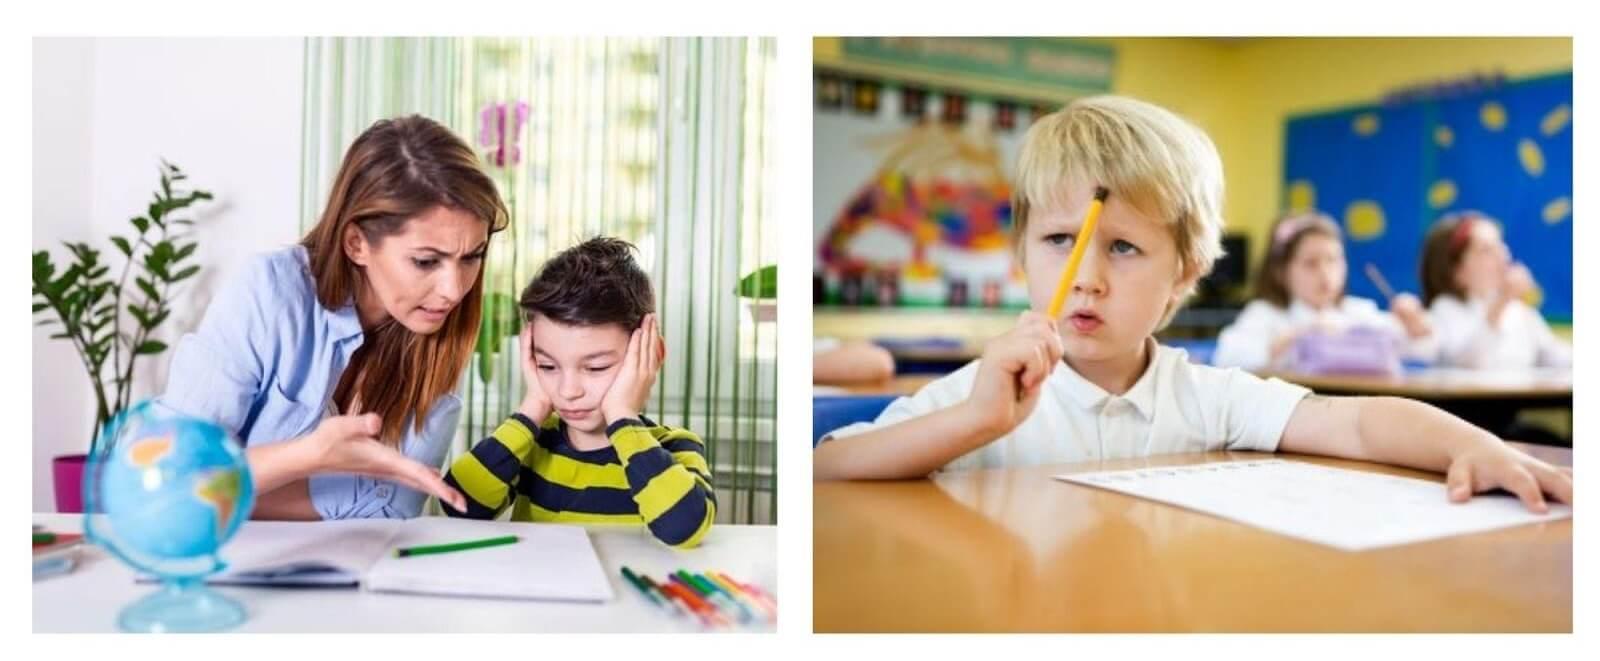 Biếng ăn cản trở sự phát triển trí não của trẻ, khiến trẻ kém thông minh và chậm chạp hơn bạn bè